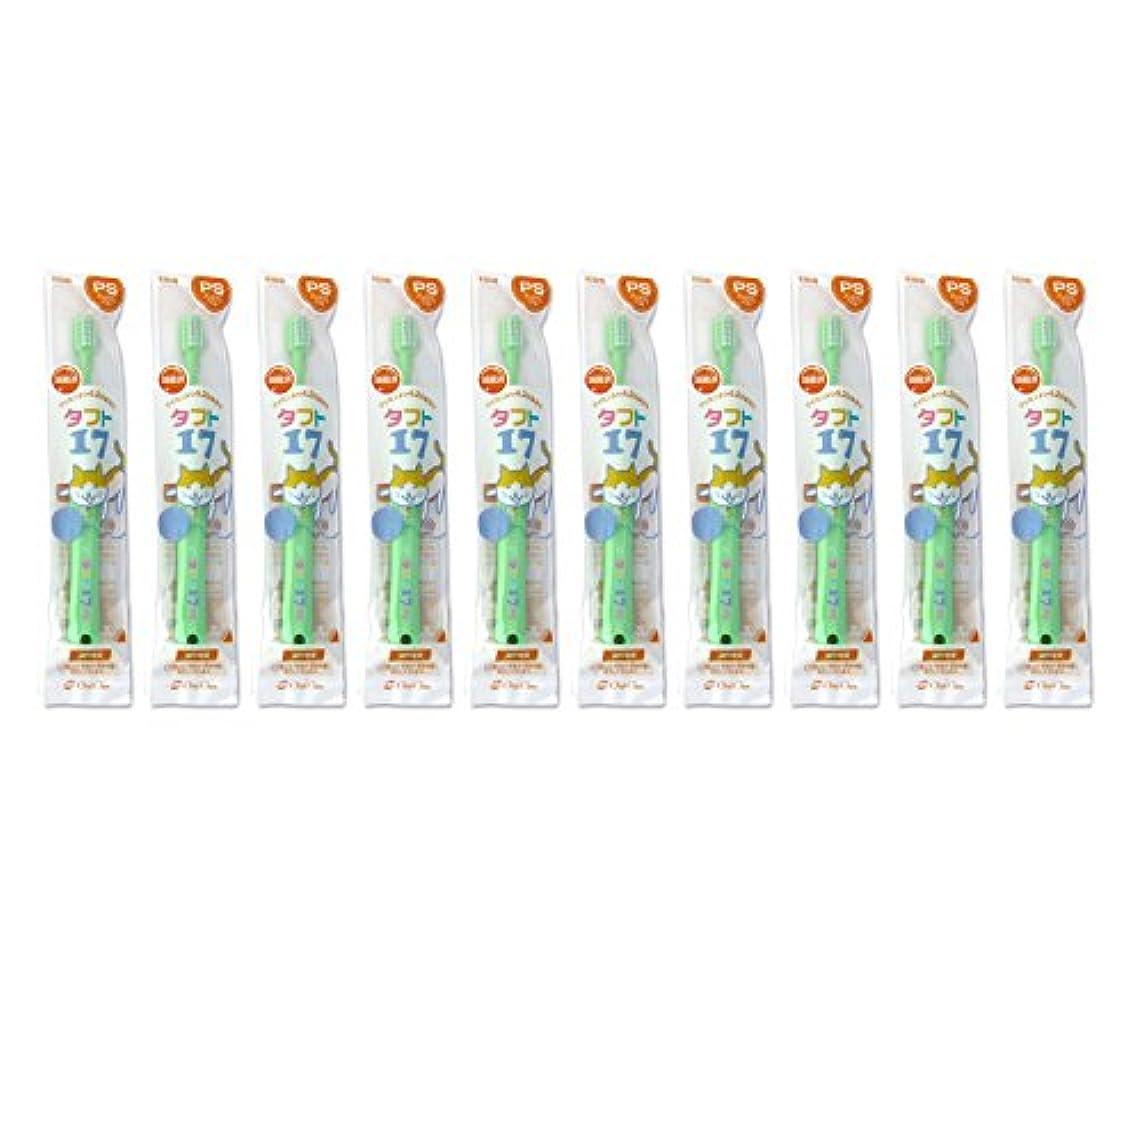 全能インタフェースクラシックタフト17 10本 オーラルケア タフト17/プレミアムソフト 子供 タフト 乳歯列期(1~7歳)こども歯ブラシ 10本セット グリーン